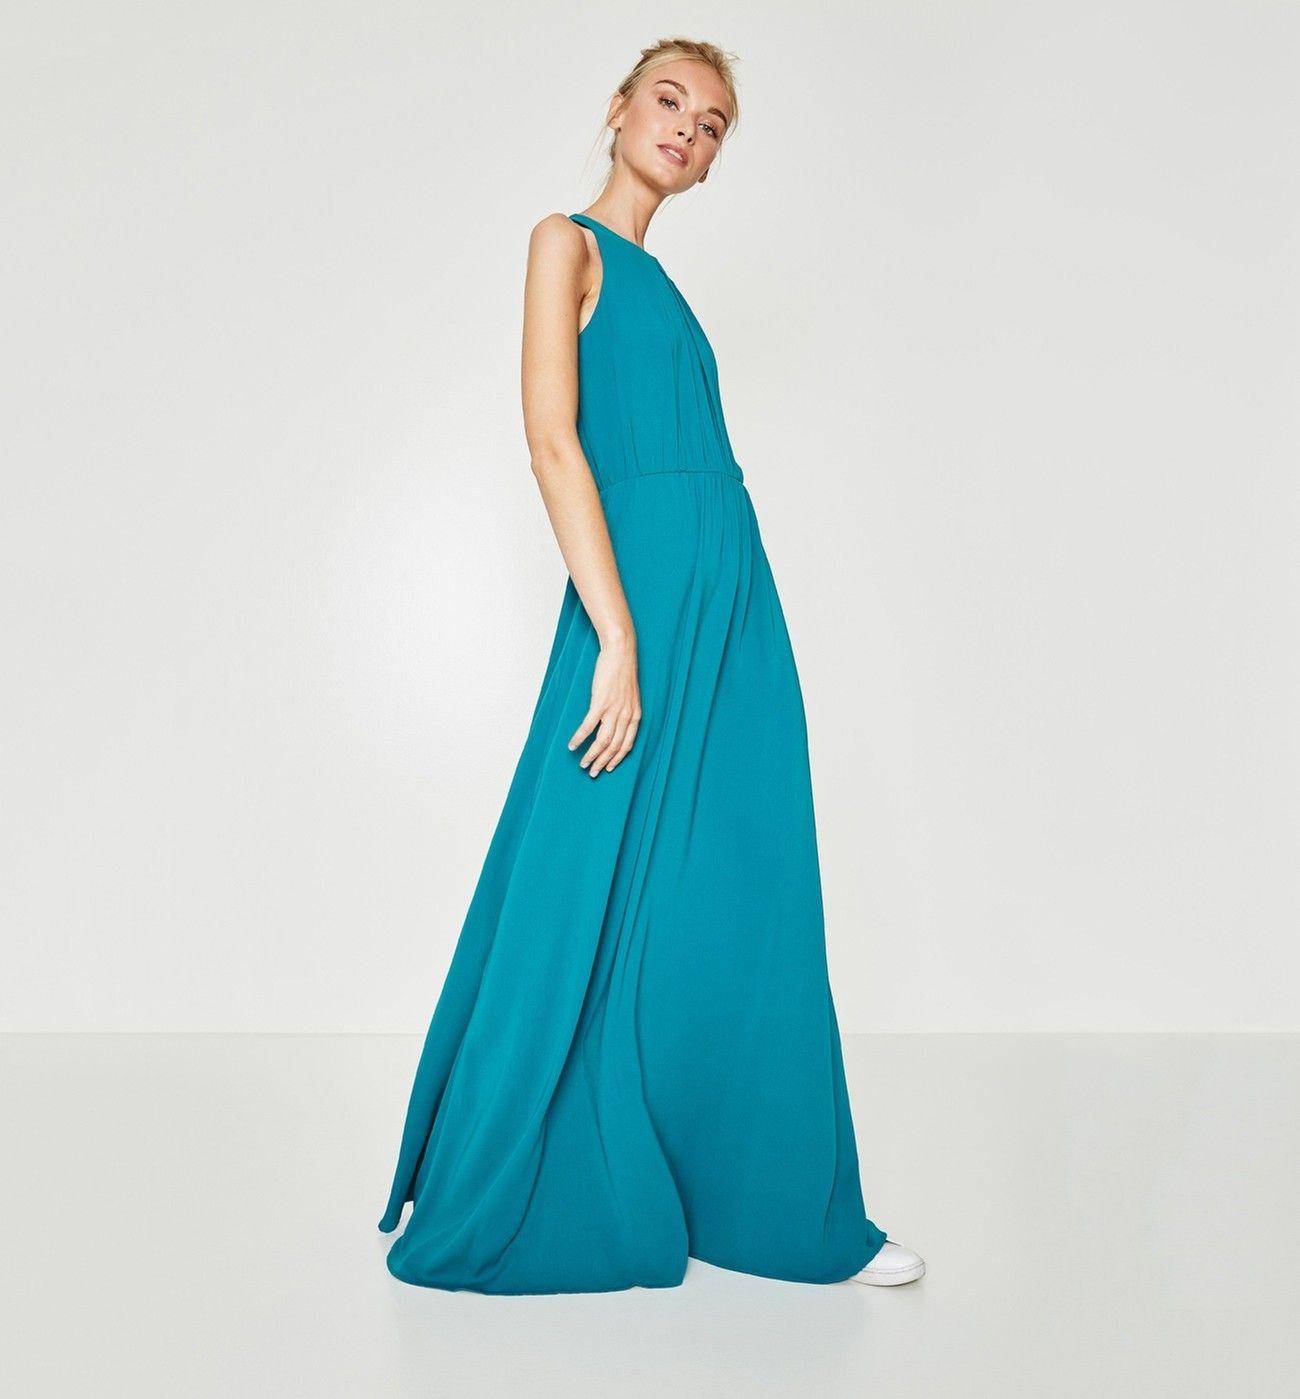 Sommerkleider wadenlang sale - Stylische Kleider für jeden tag